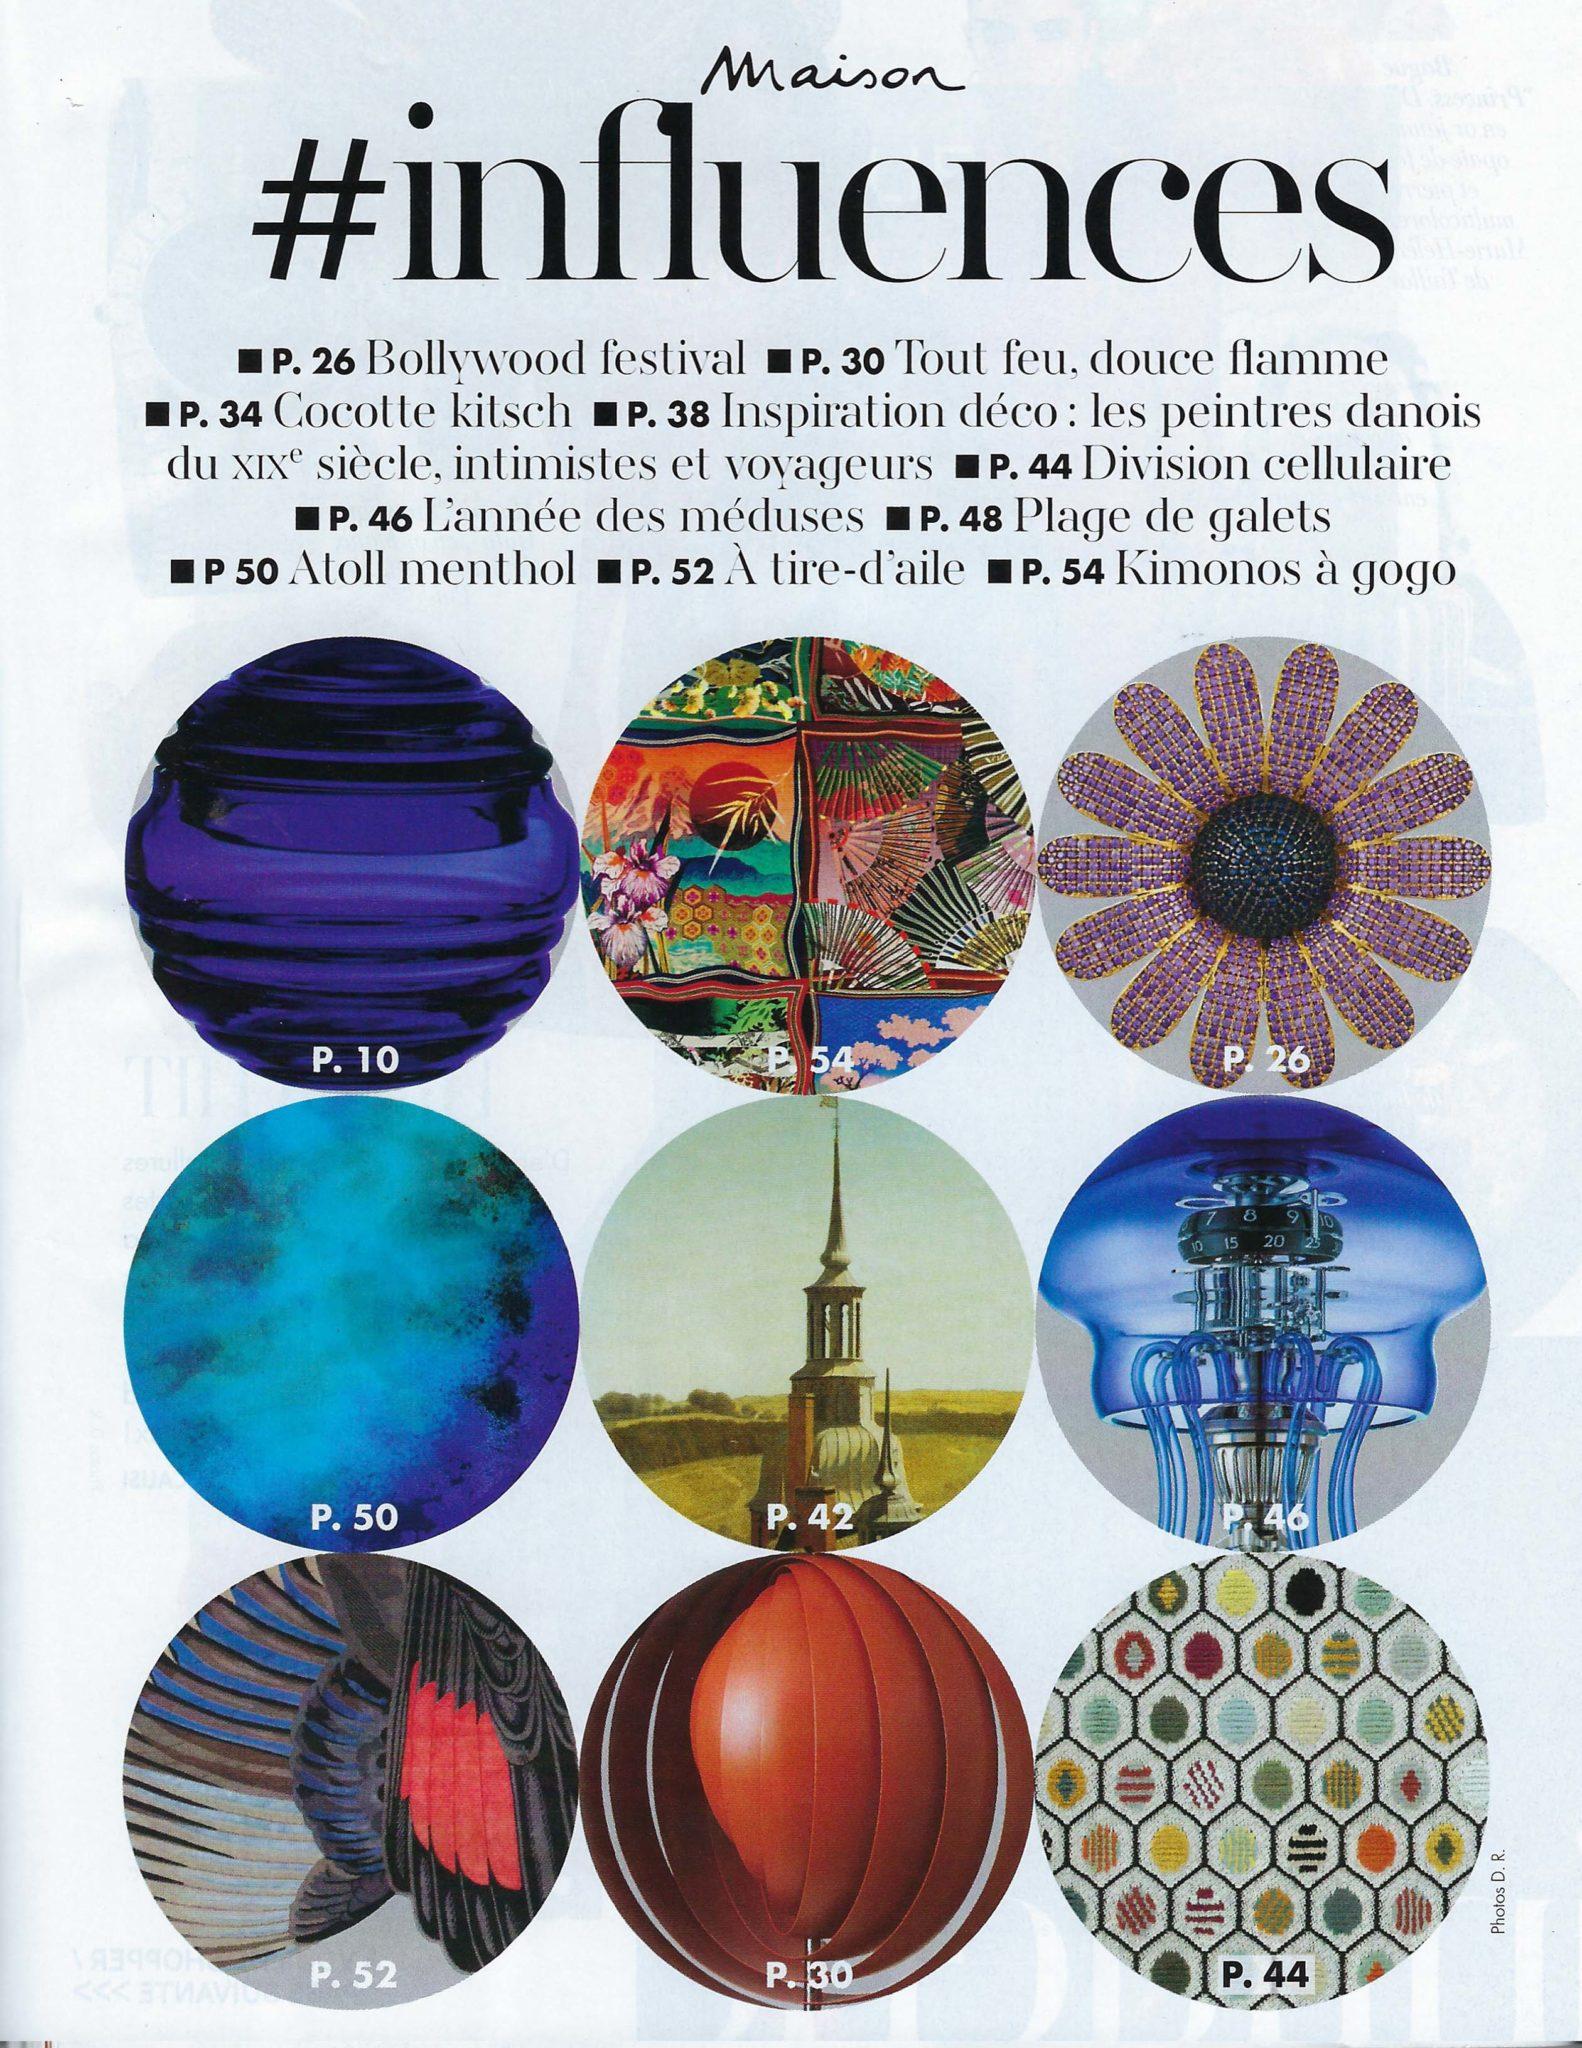 Création art mural Anne de La Forge. Parution presse magazine Marie-Claire Maison mai juin 2020 – Influences déco 2020